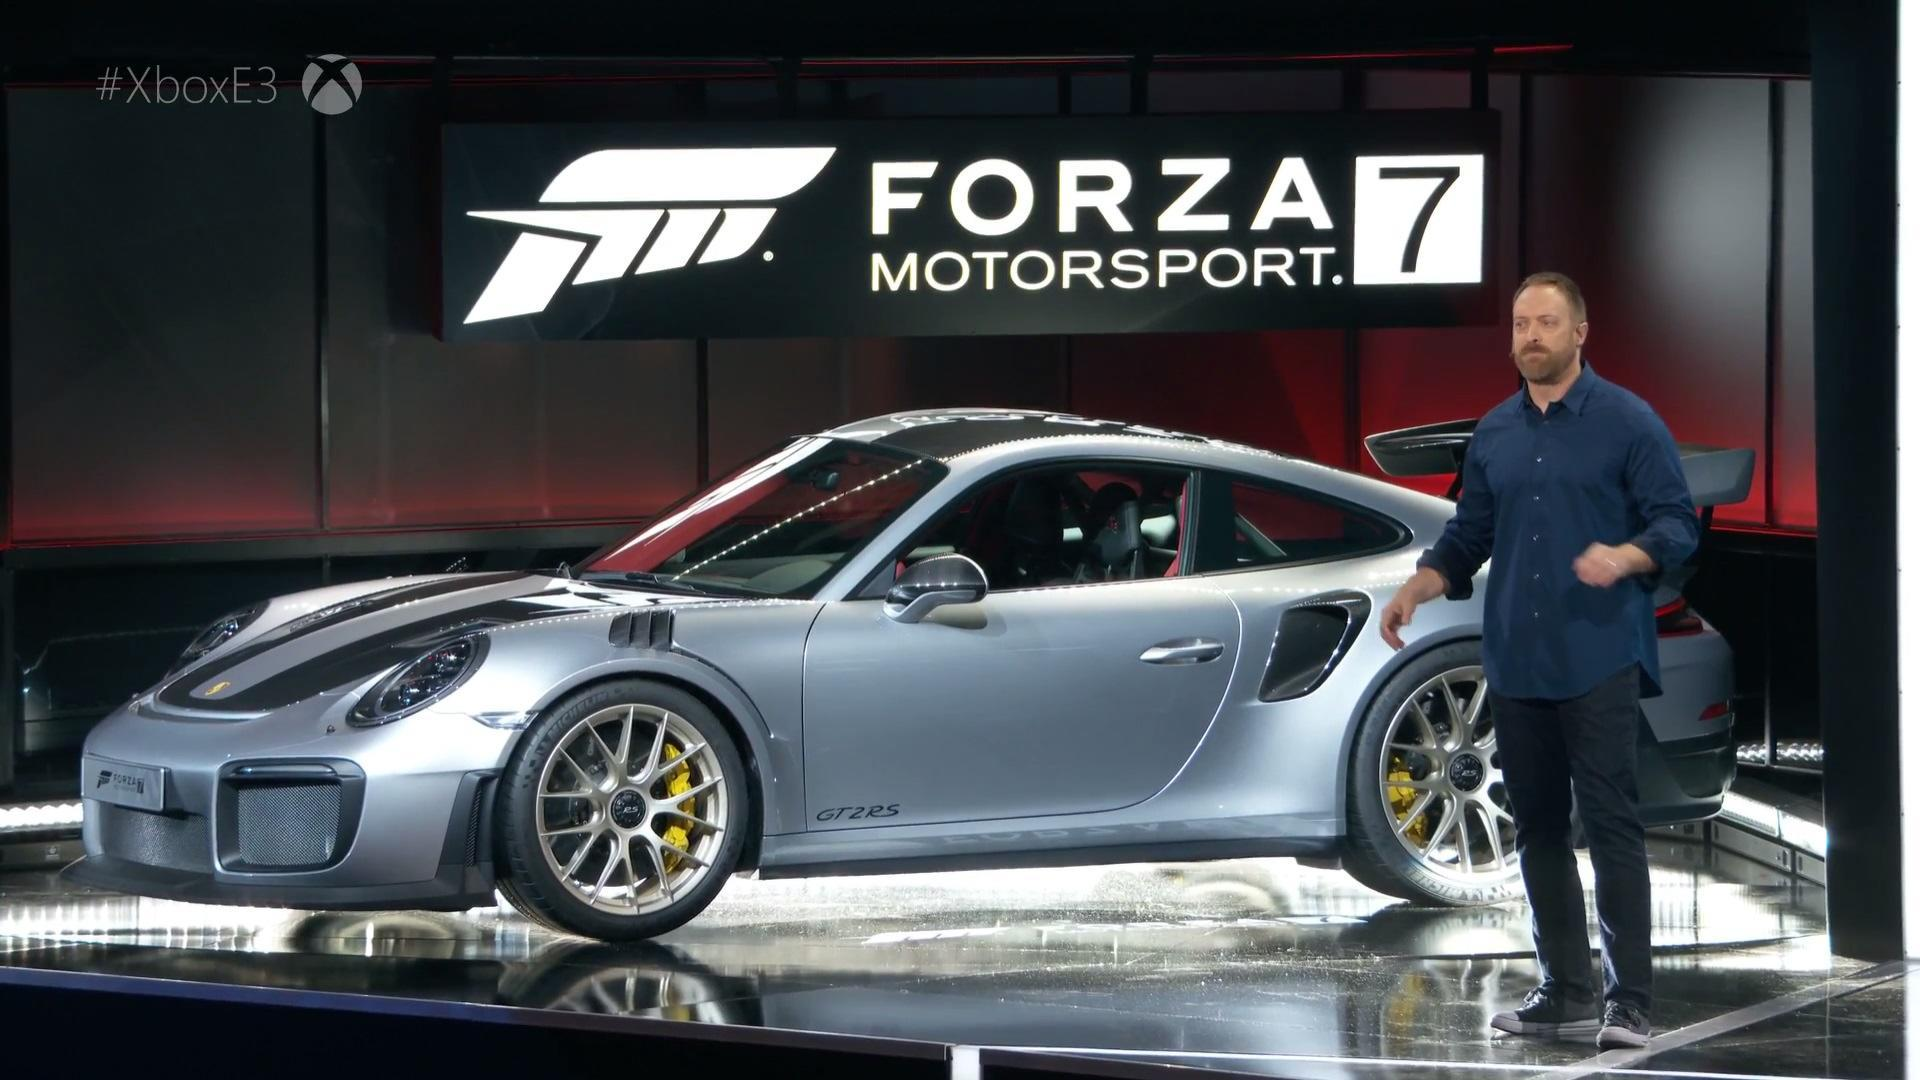 2018 porsche 911 gt2 rs at e3 1